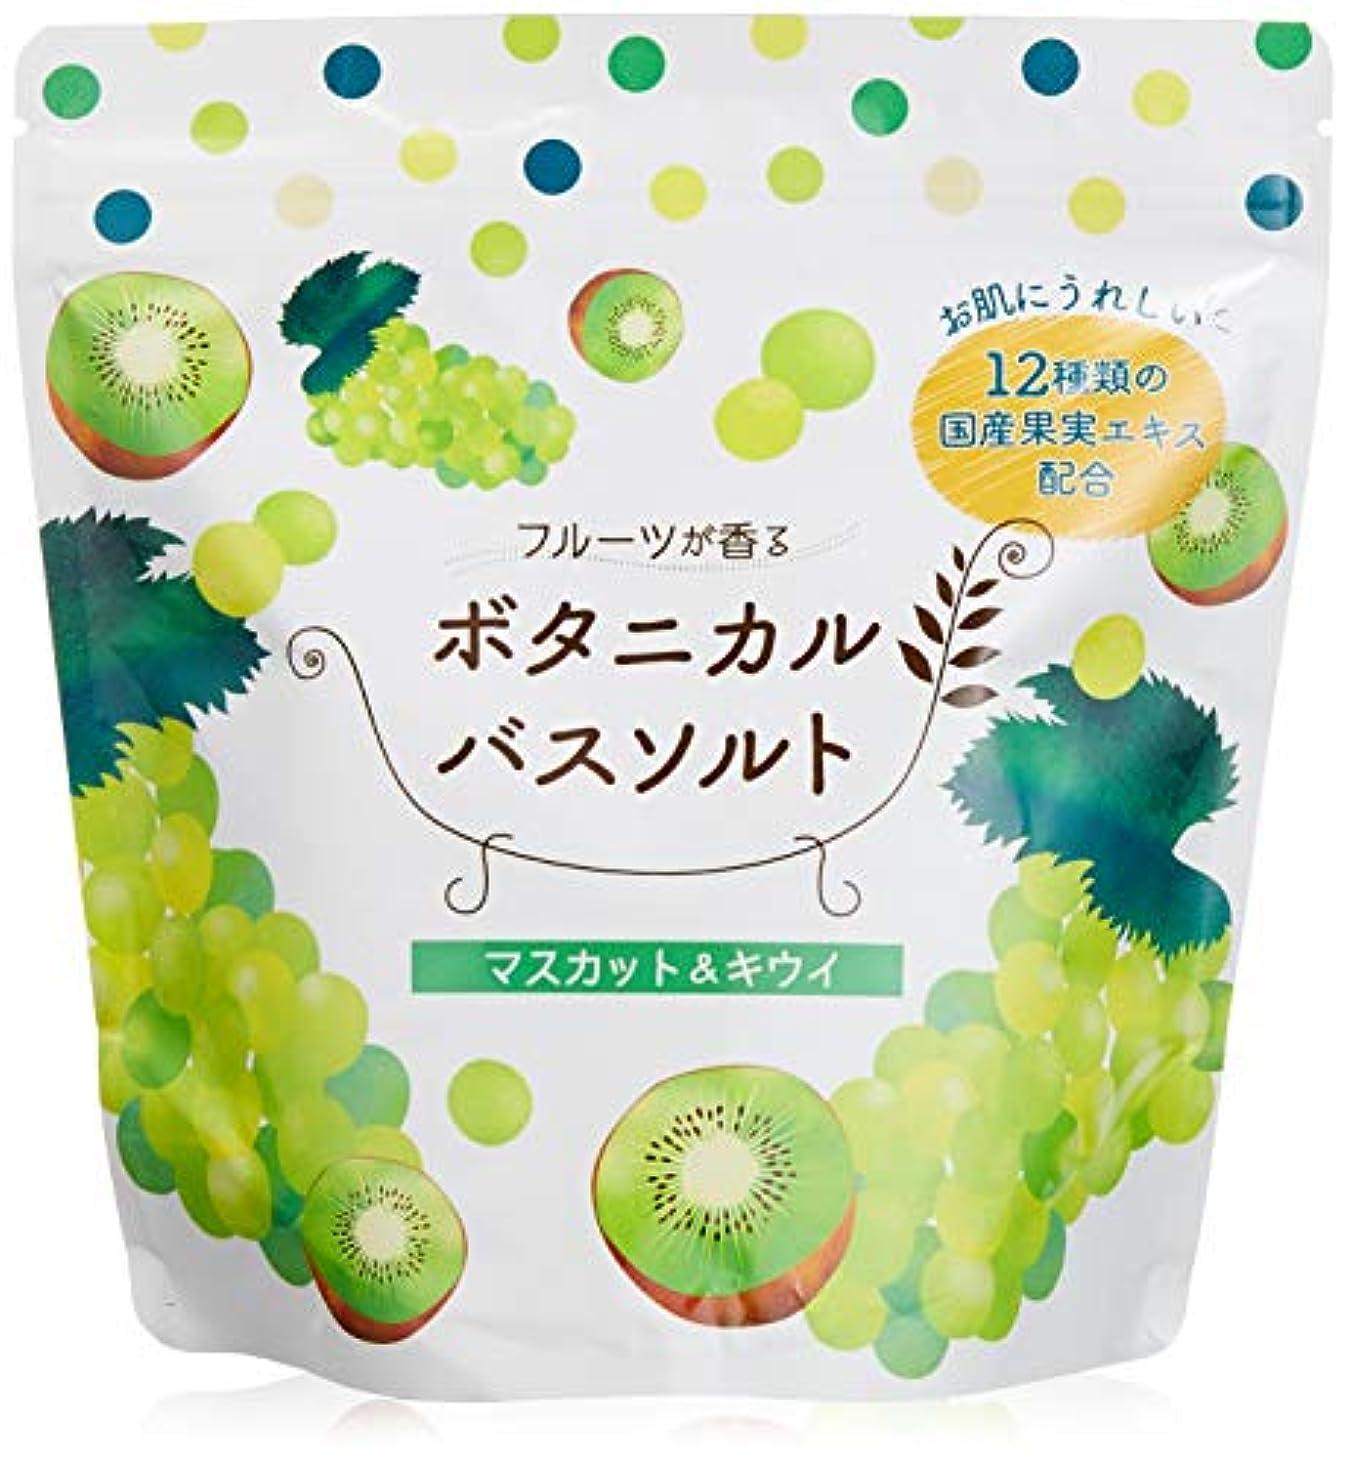 急勾配の破産焼く松田医薬品 フルーツが香るボタニカルバスソルト 入浴剤 マスカット キウイ 450g